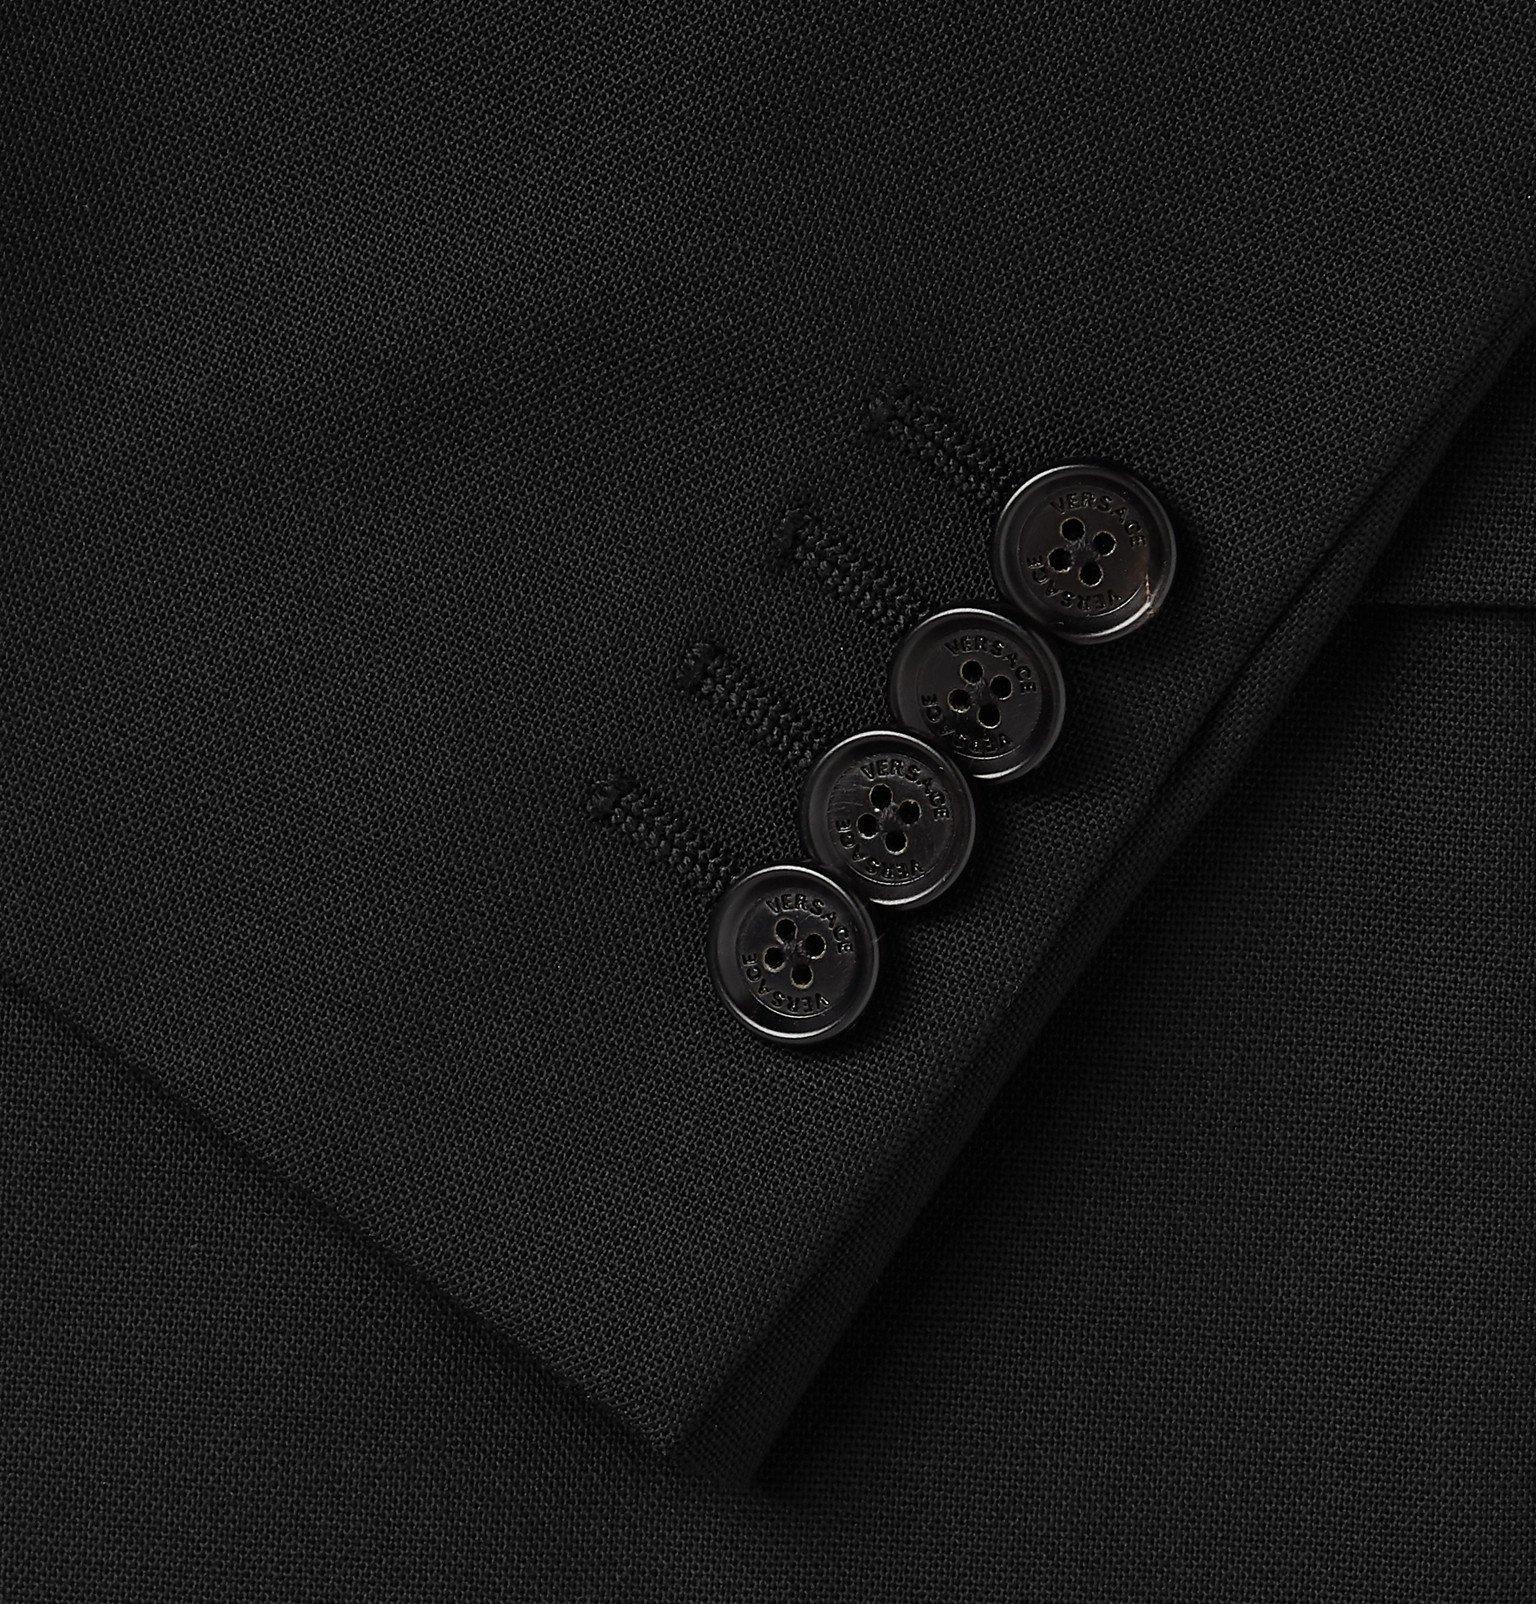 Versace - Black Virgin Wool Suit Jacket - Black